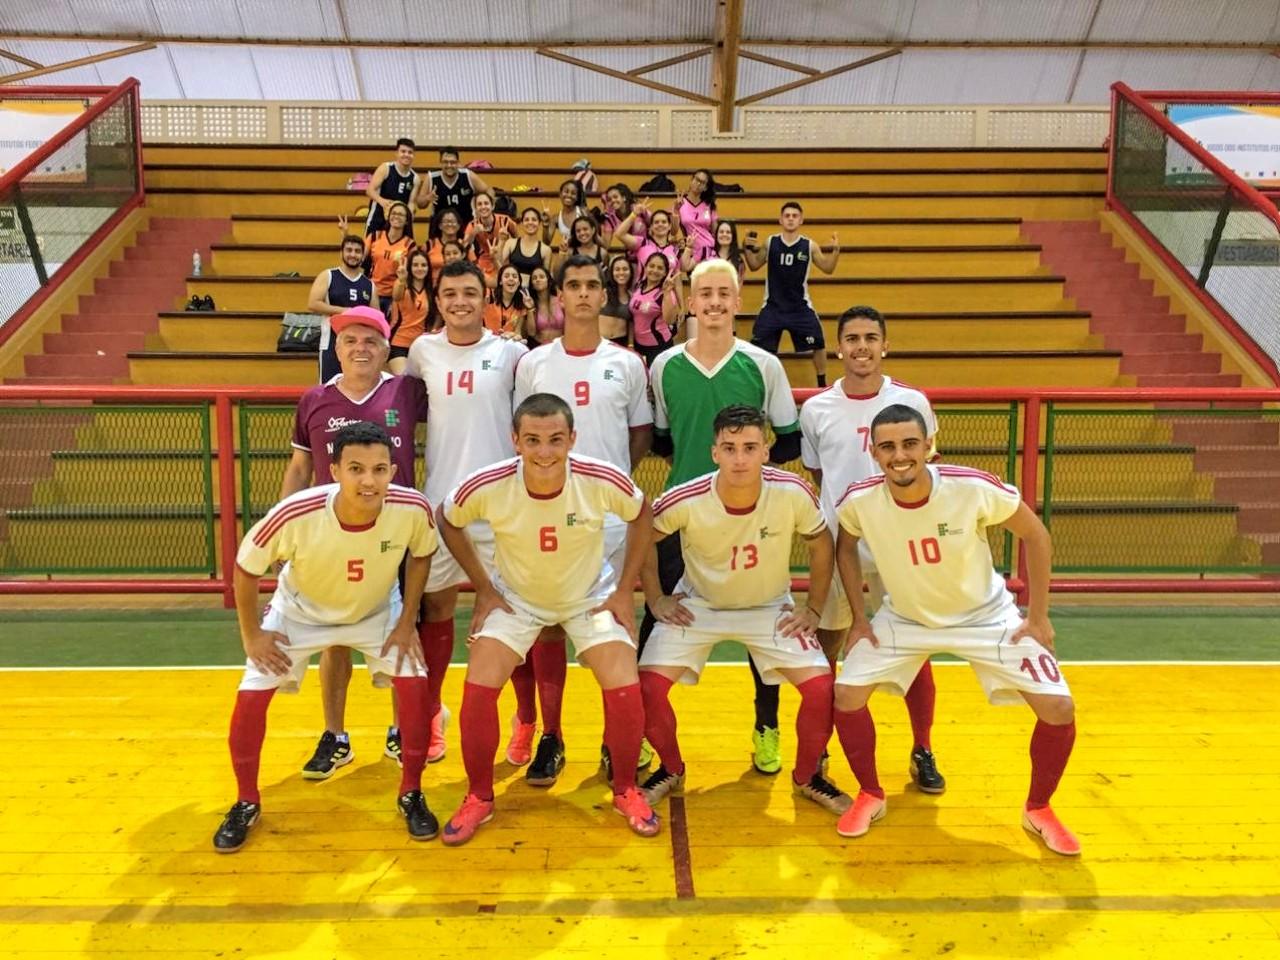 Jogadores e técnico da equipe de futsal do IFSULDEMINAS posam para foto em frente à arquibancada